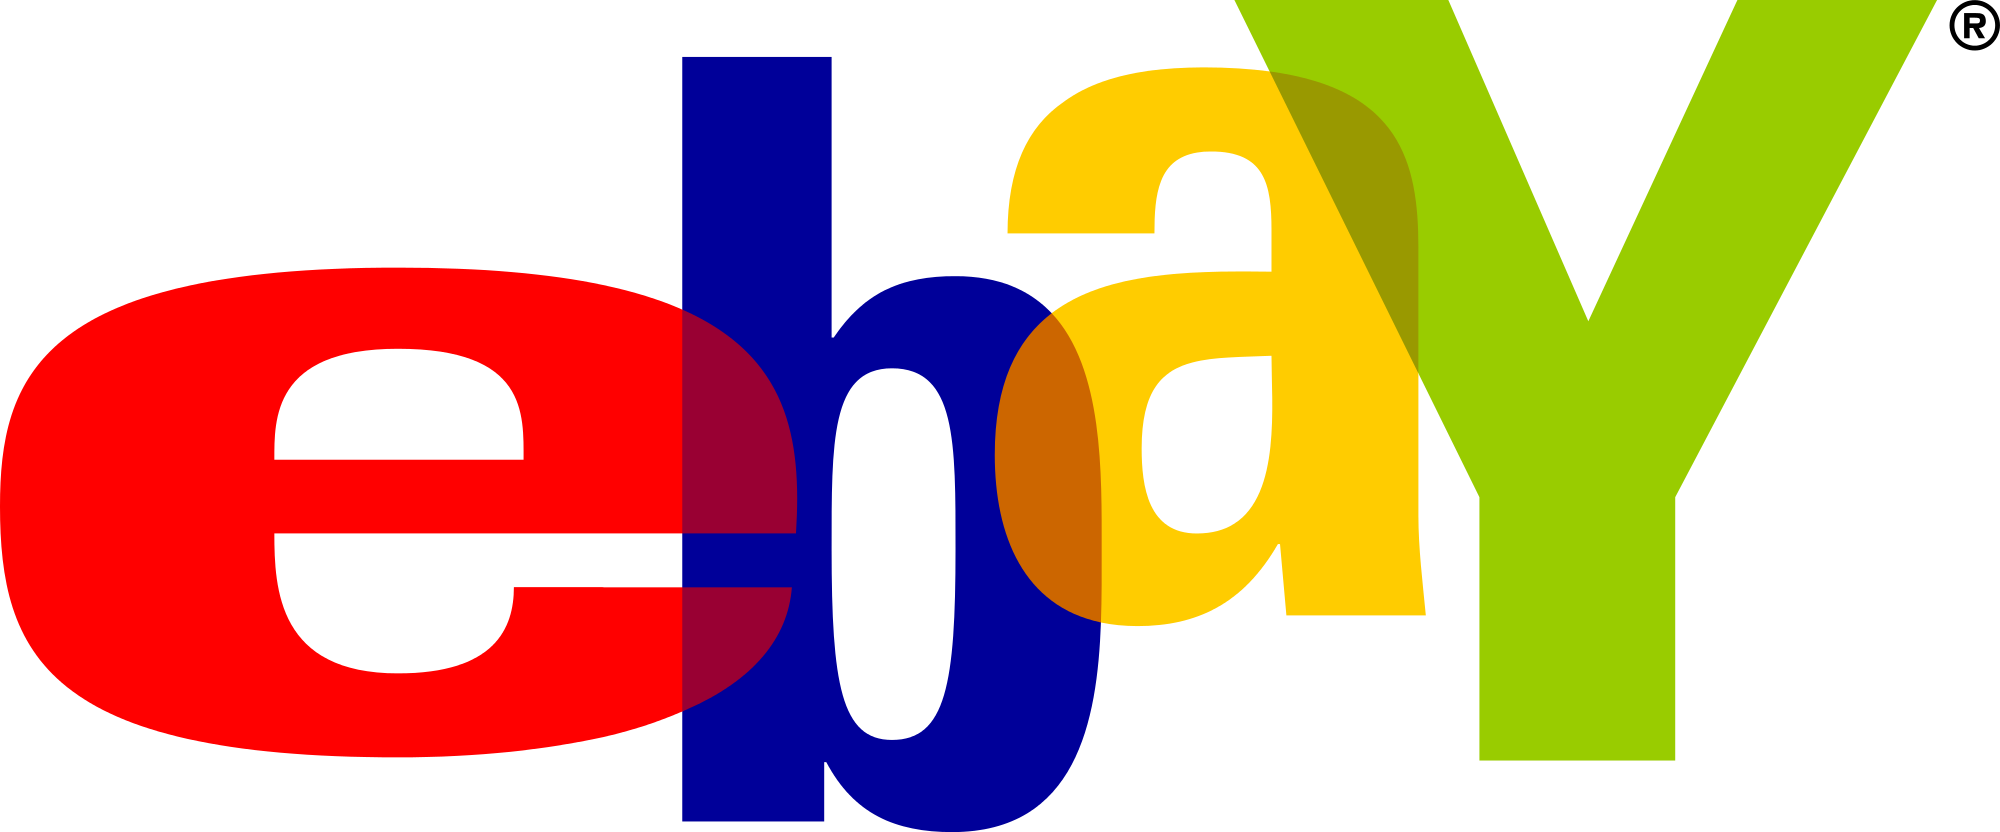 C:\Users\fhh\Desktop\EBay_former_logo.svg.png